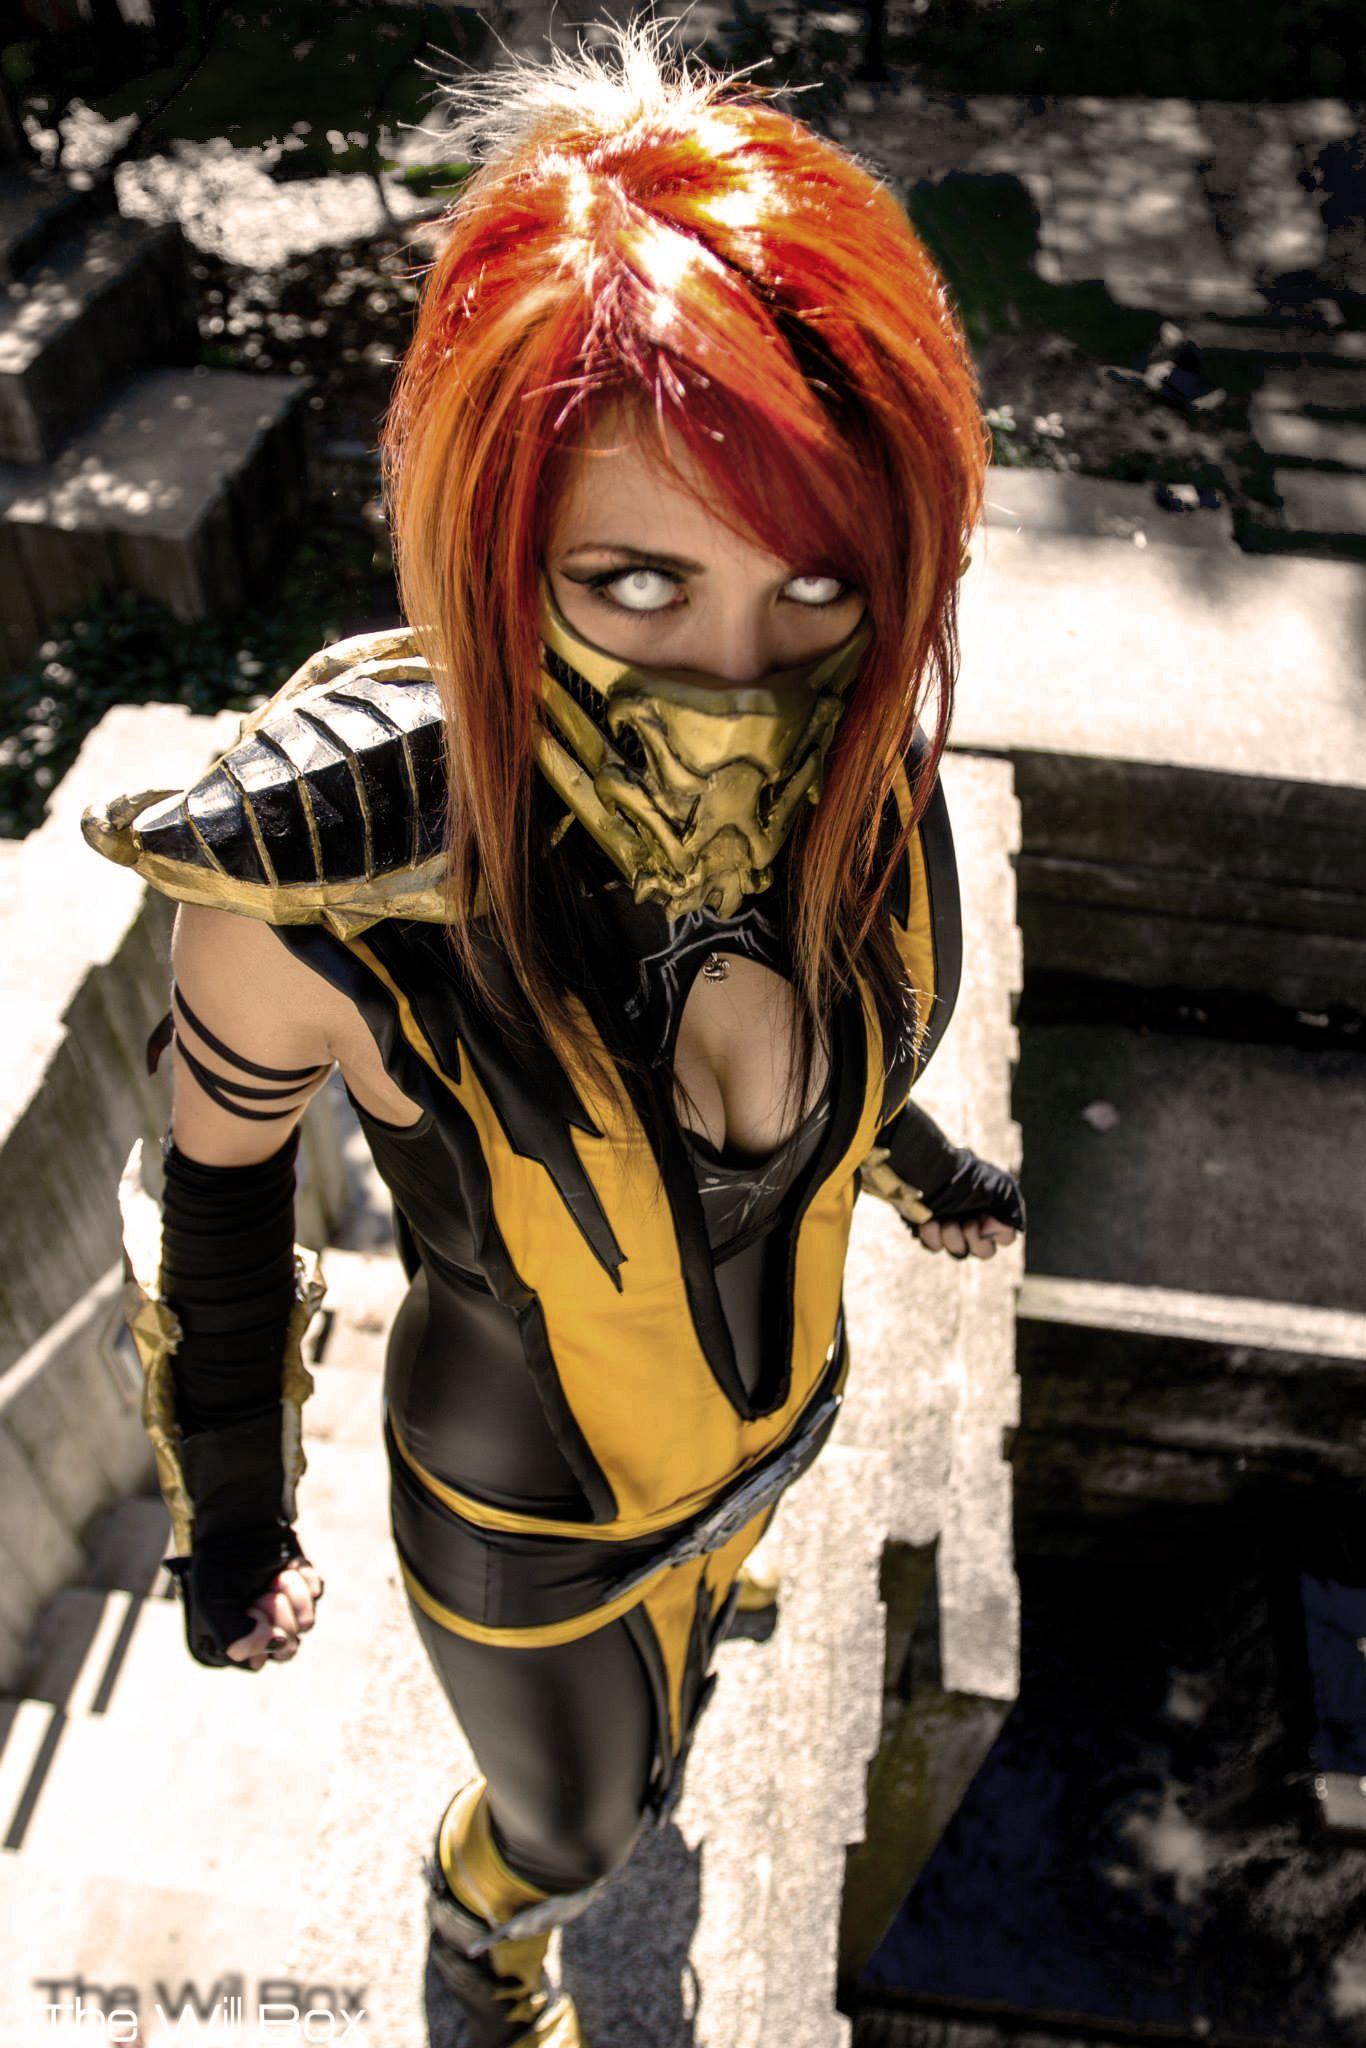 Mortal kombat girl costumes